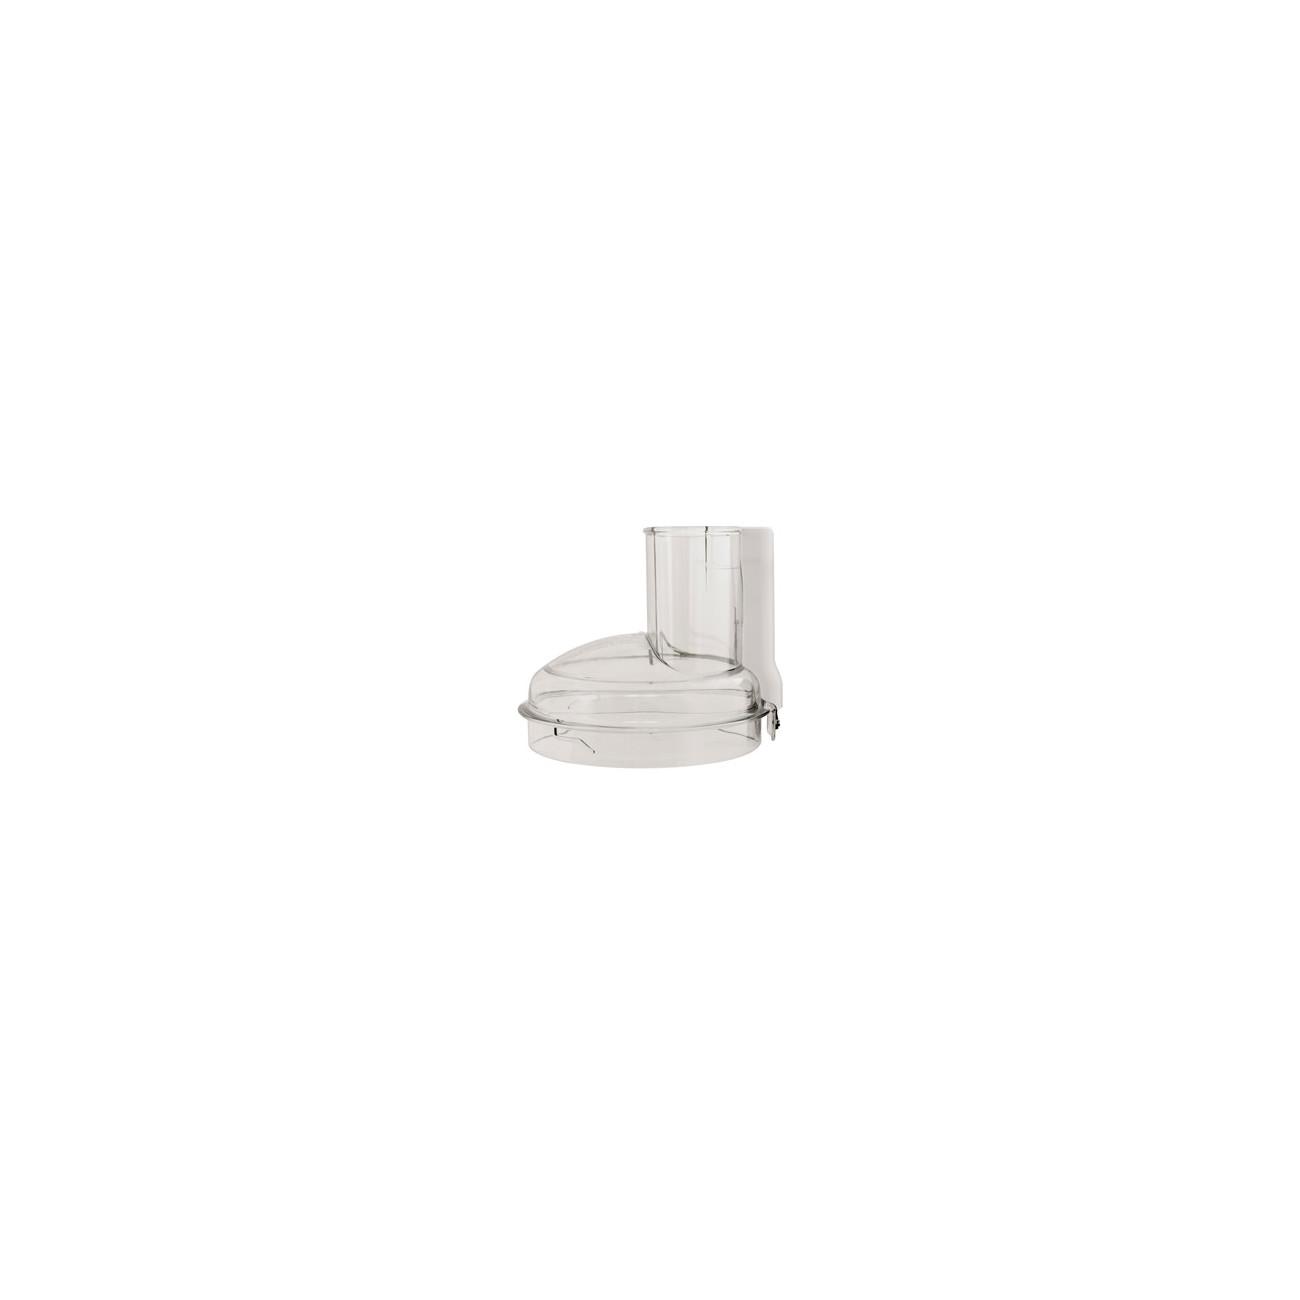 Lid - White (4200XL/5200XL)